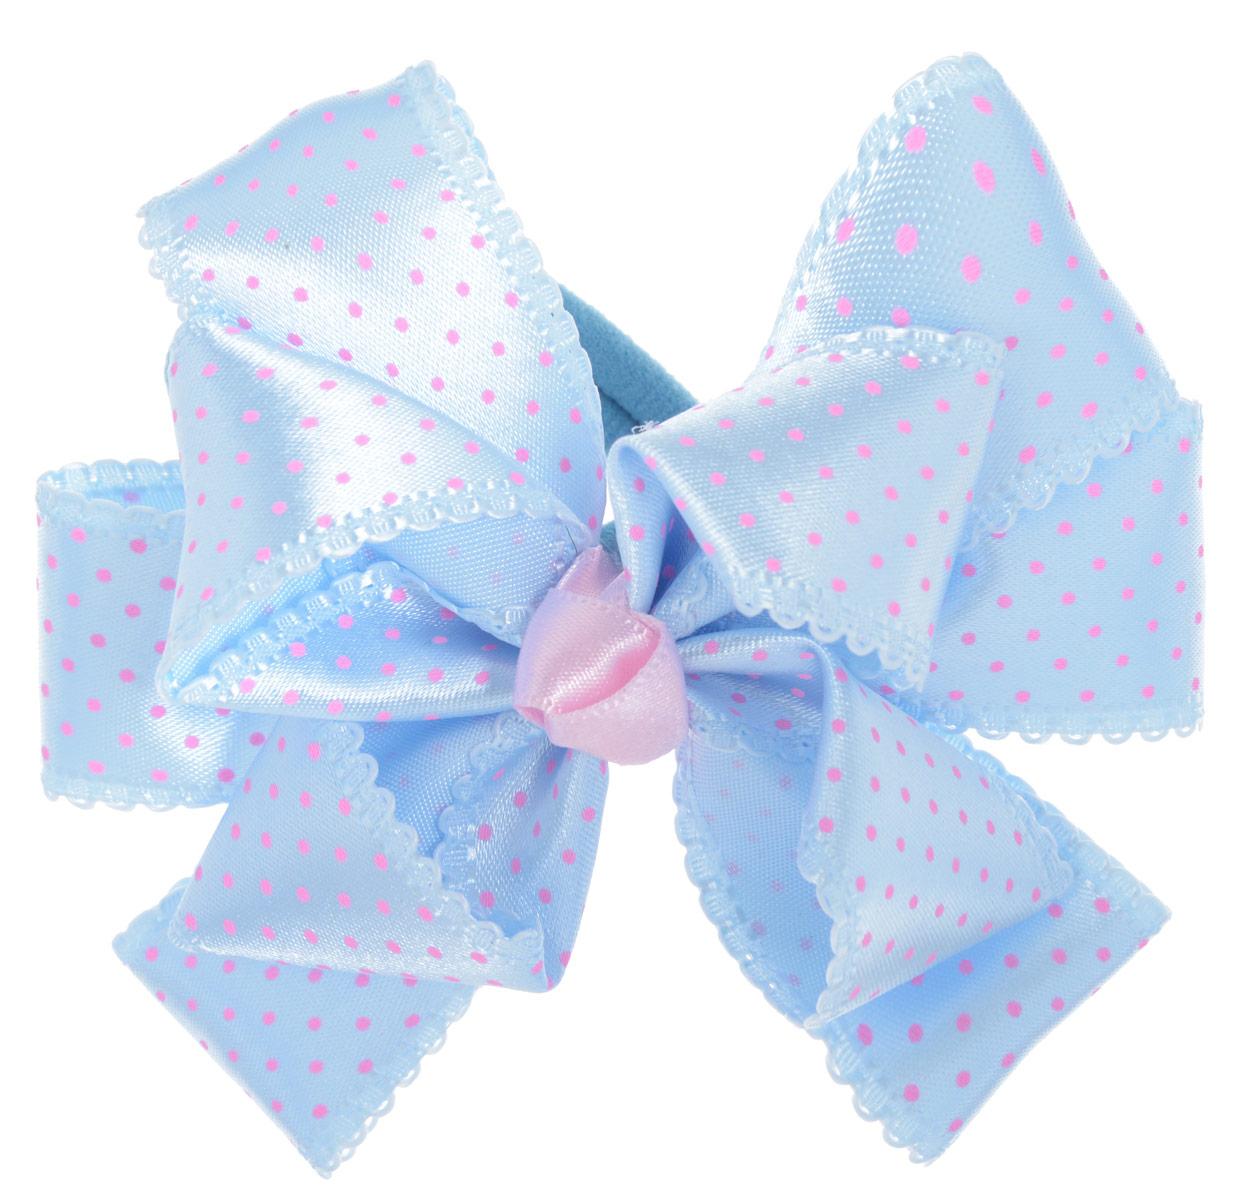 Babys Joy Резинка для волос цвет голубой розовый MN 192MN 192_голубой/розовый горошекРезинка для волос Babys Joy, изготовленная из текстиля, дополнена милым бантом из атласа в форме цветка и оформлена по верху декоративным принтом в виде мелкого горошка. Резинка для волос Babys Joy надежно зафиксирует волосы и подчеркнет красоту прически вашей маленькой принцессы. Рекомендовано для детей старше трех лет.